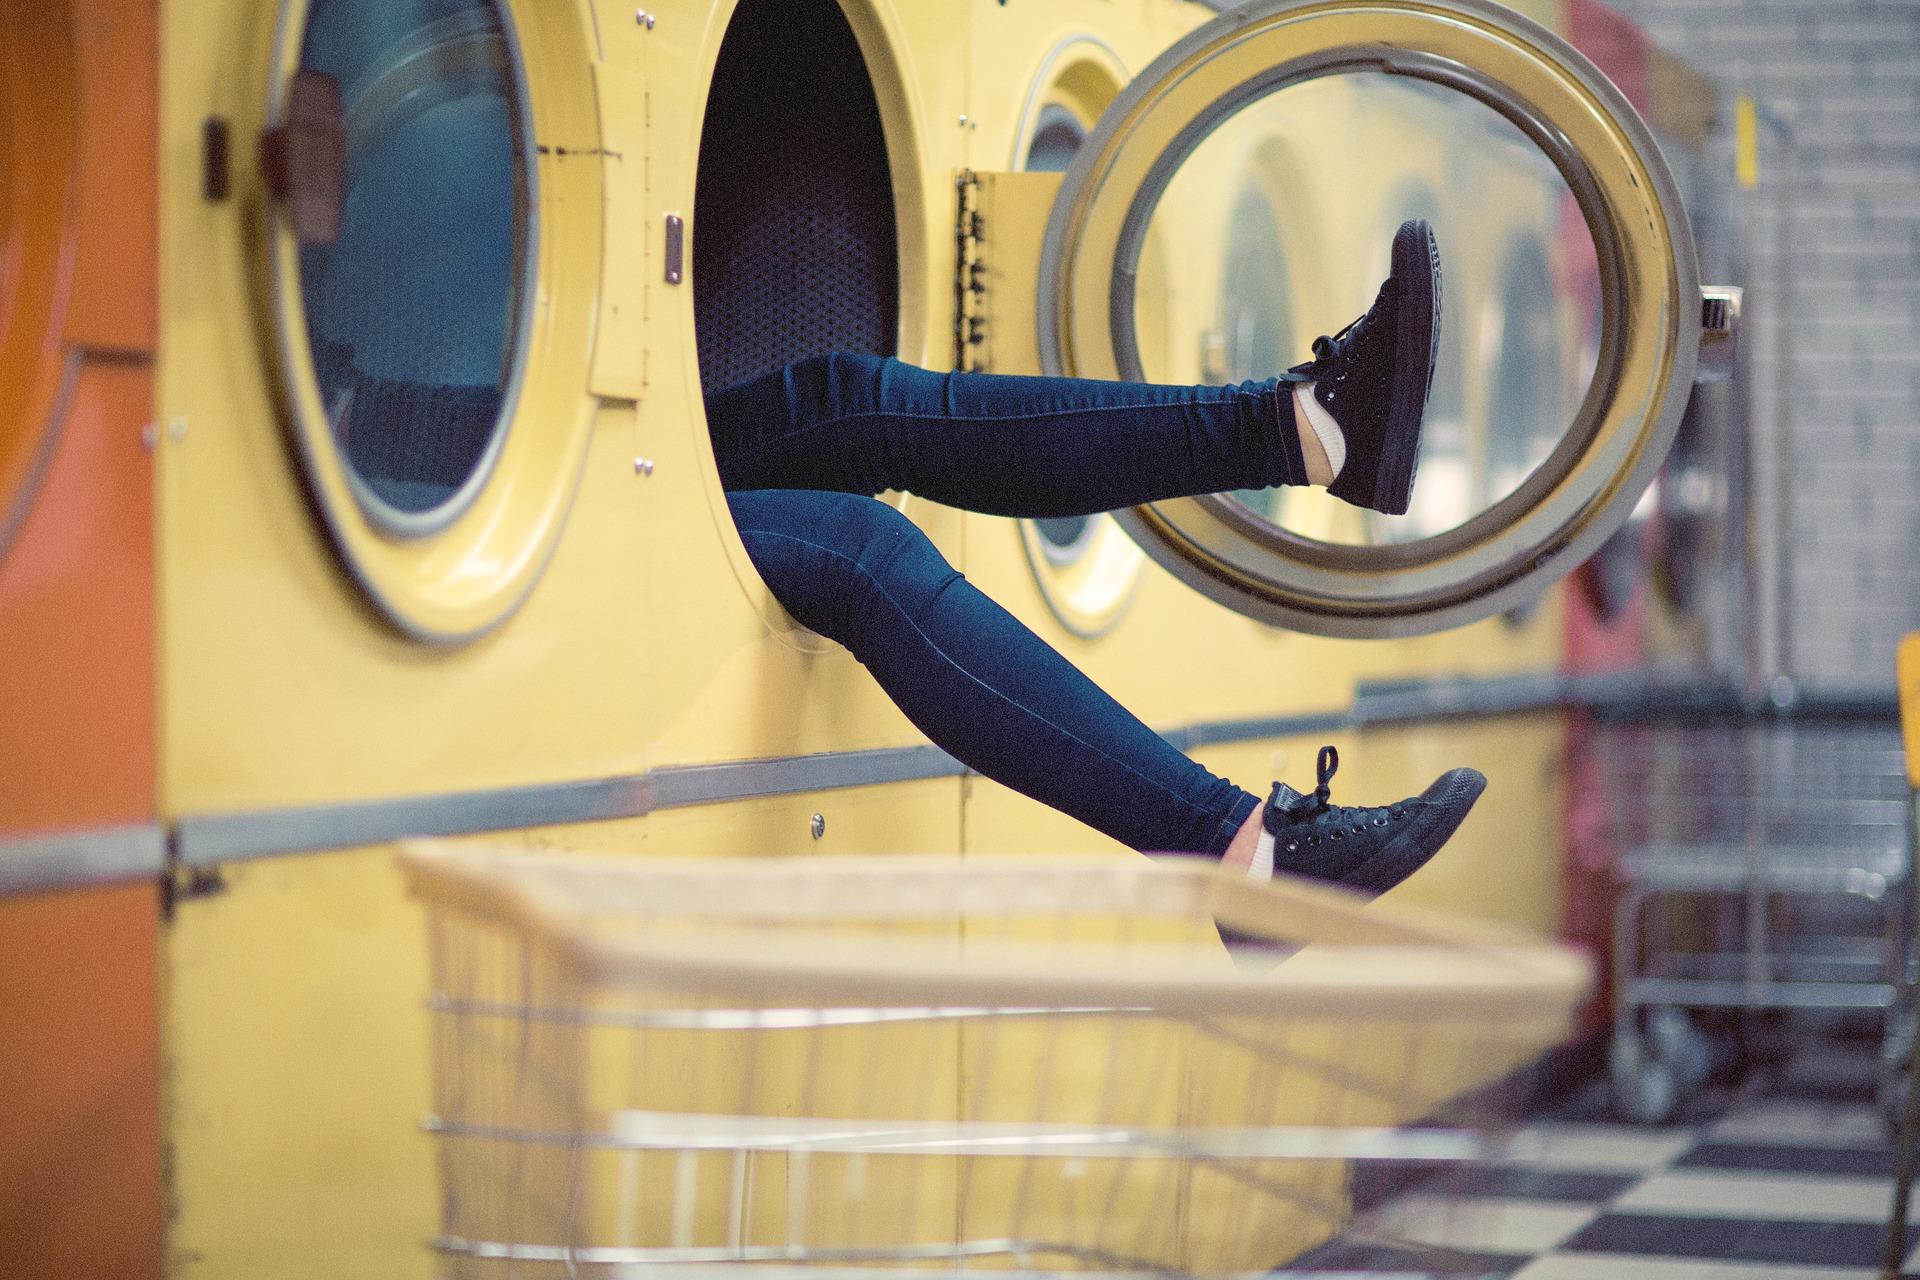 qué lavadora comprar 2017